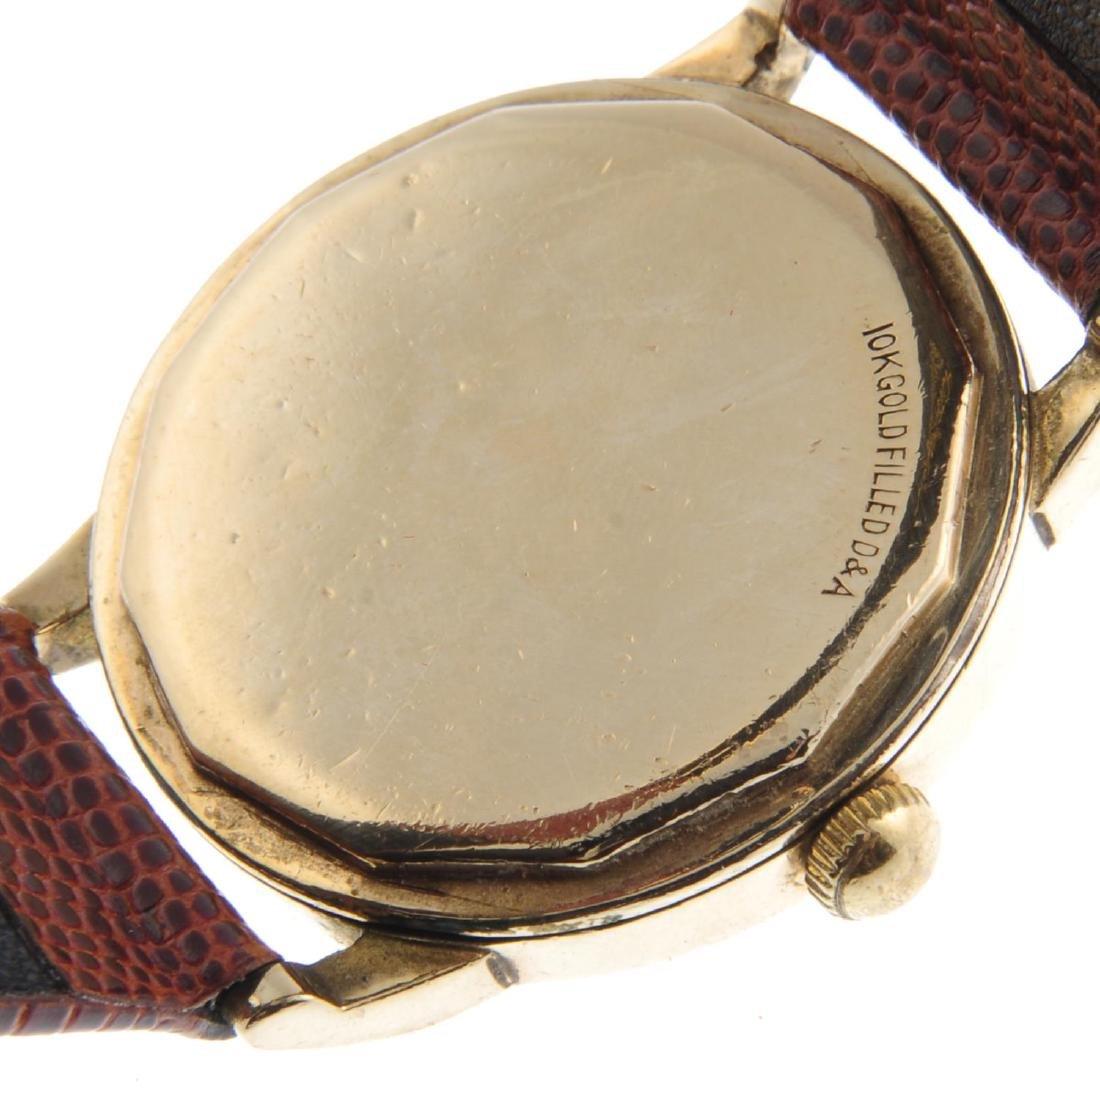 LECOULTRE - a gentleman's wrist watch. Gold filled - 4